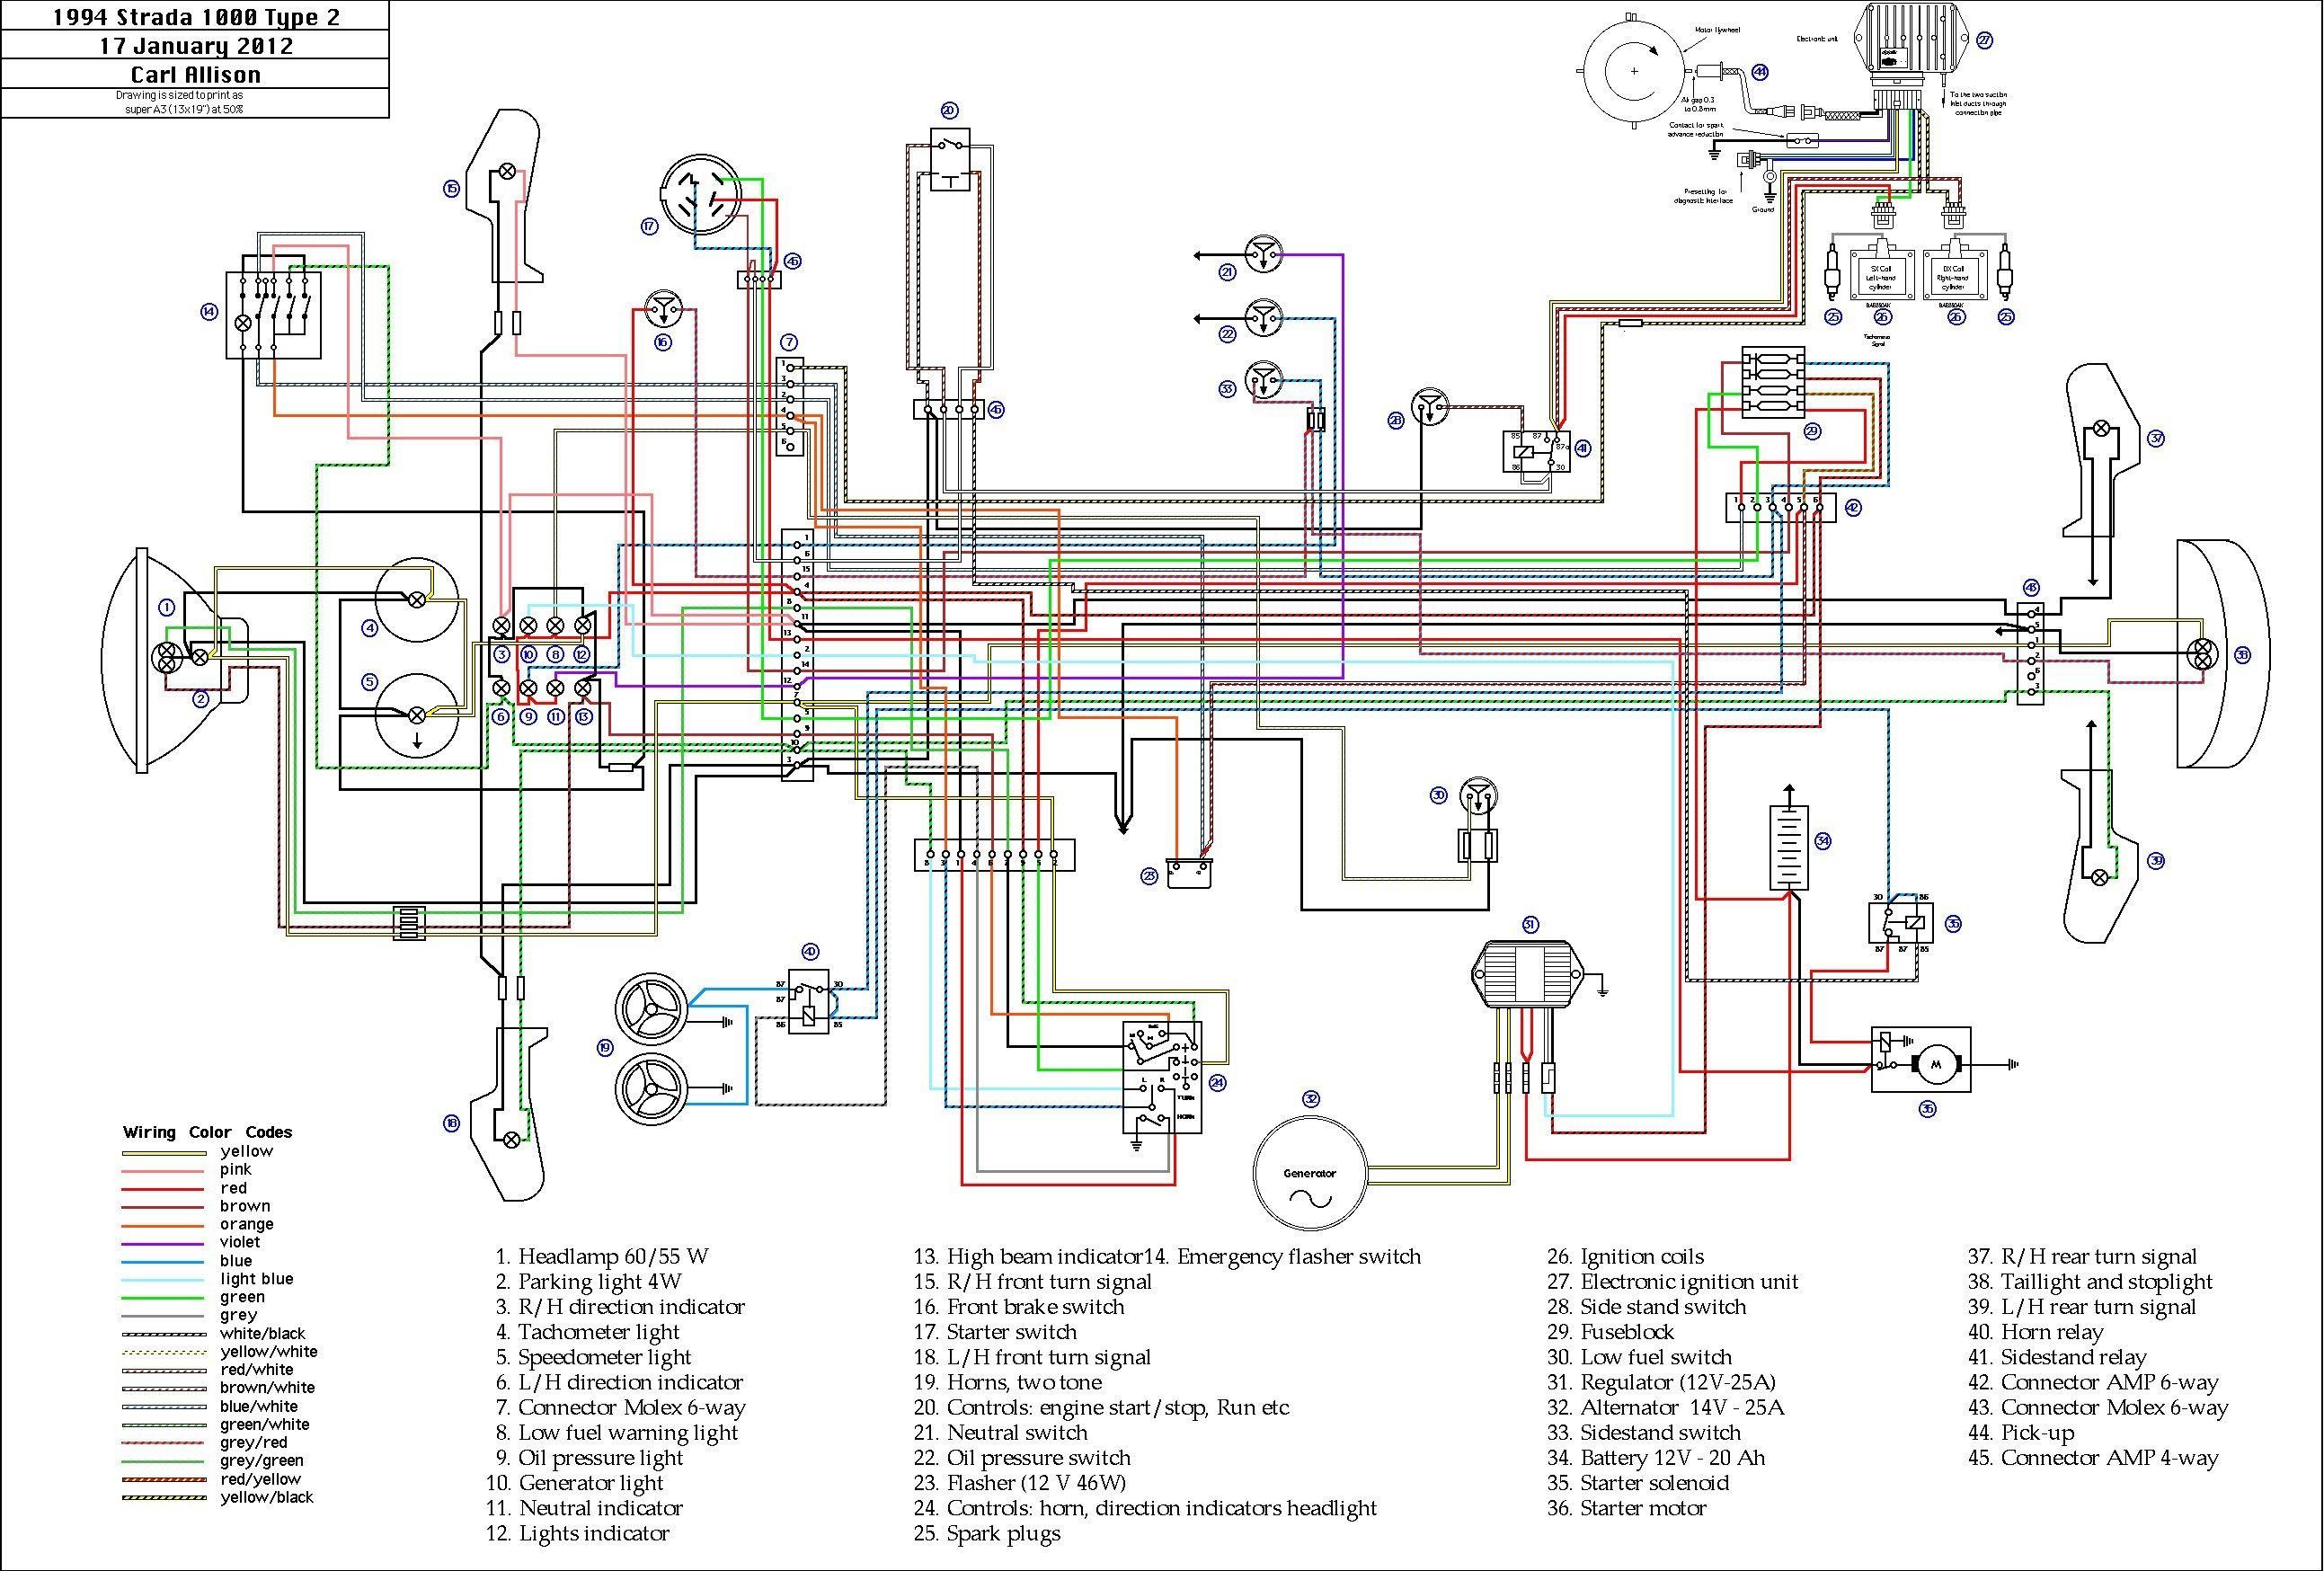 Unique Trailer Wiring Diagram 94 Jeep Grand Cherokee | Opel corsa, Trailer wiring  diagram, Opel